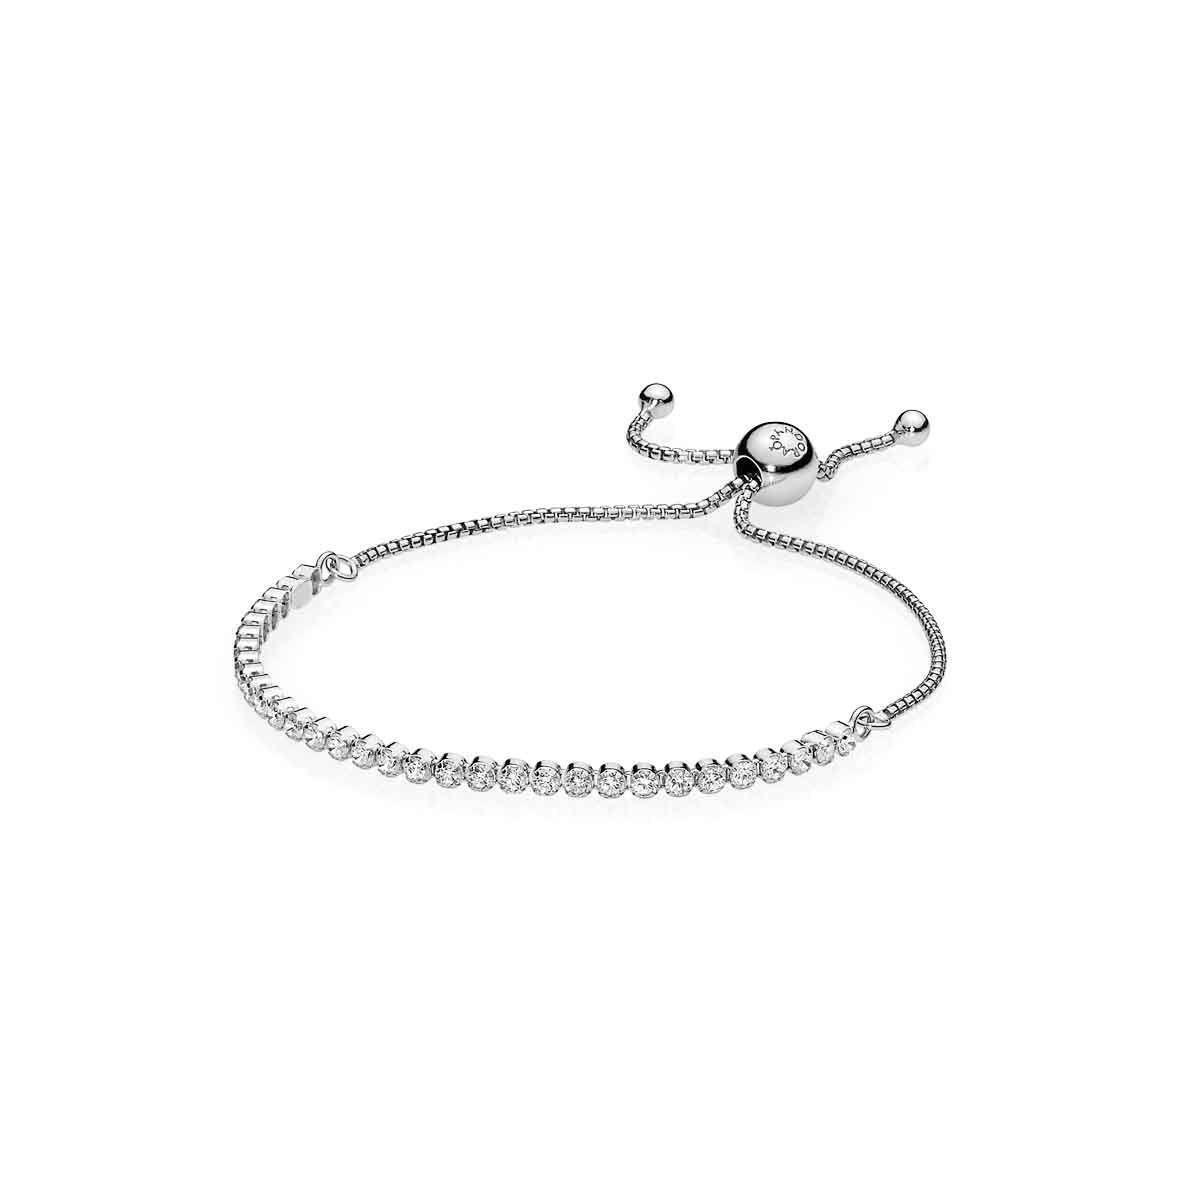 Срібний браслет-слайдер Pandora 590524CZ